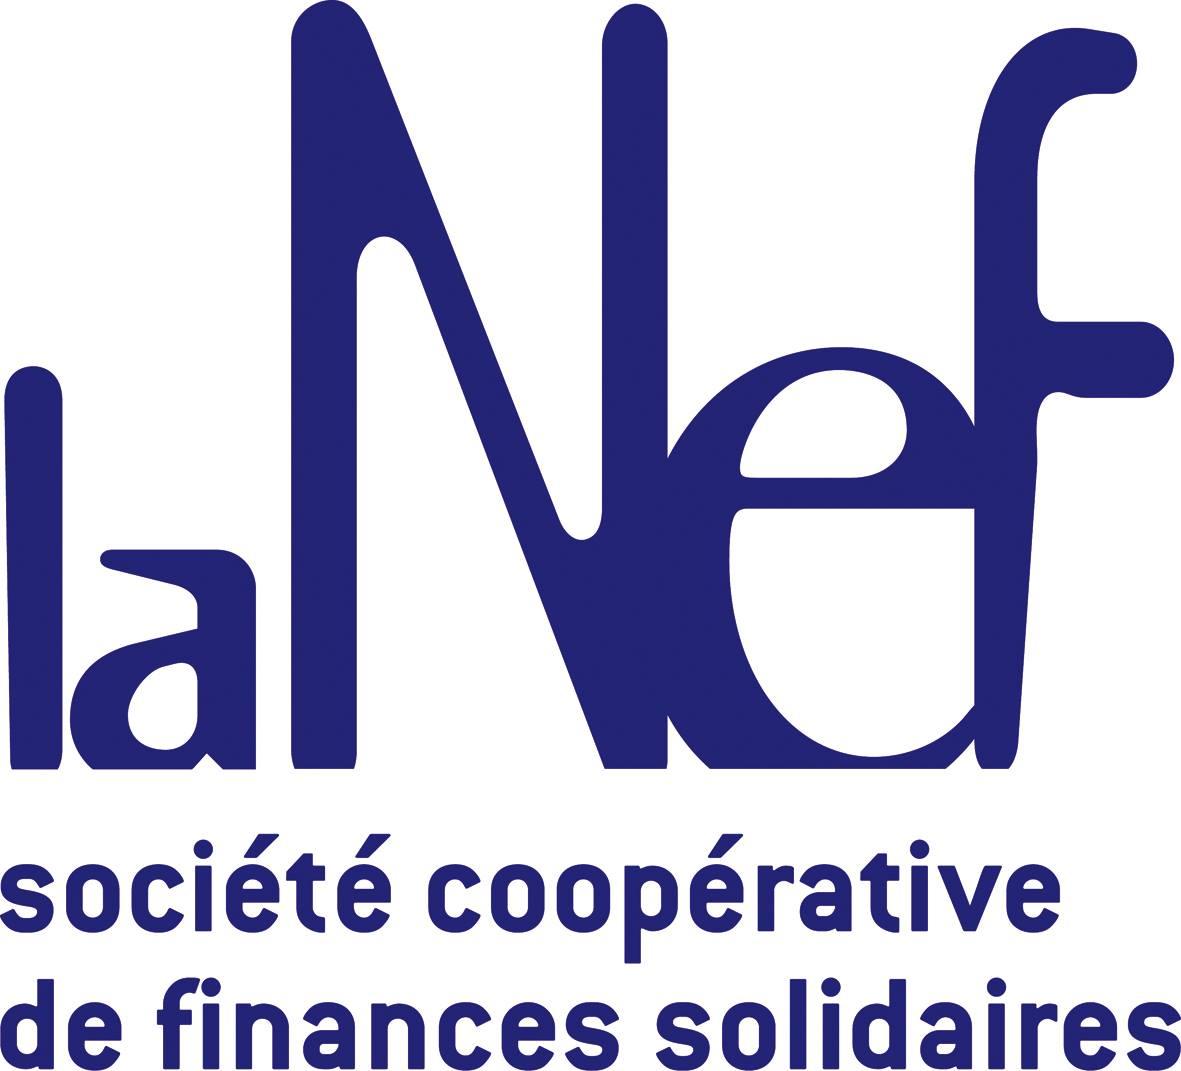 La Nef est une coopérative financière qui offre des solutions d'épargne et de crédit orientées vers des projets ayant une utilité sociale, écologique et/ou culturelle. La Nef soutient financièrement raAka architecture.